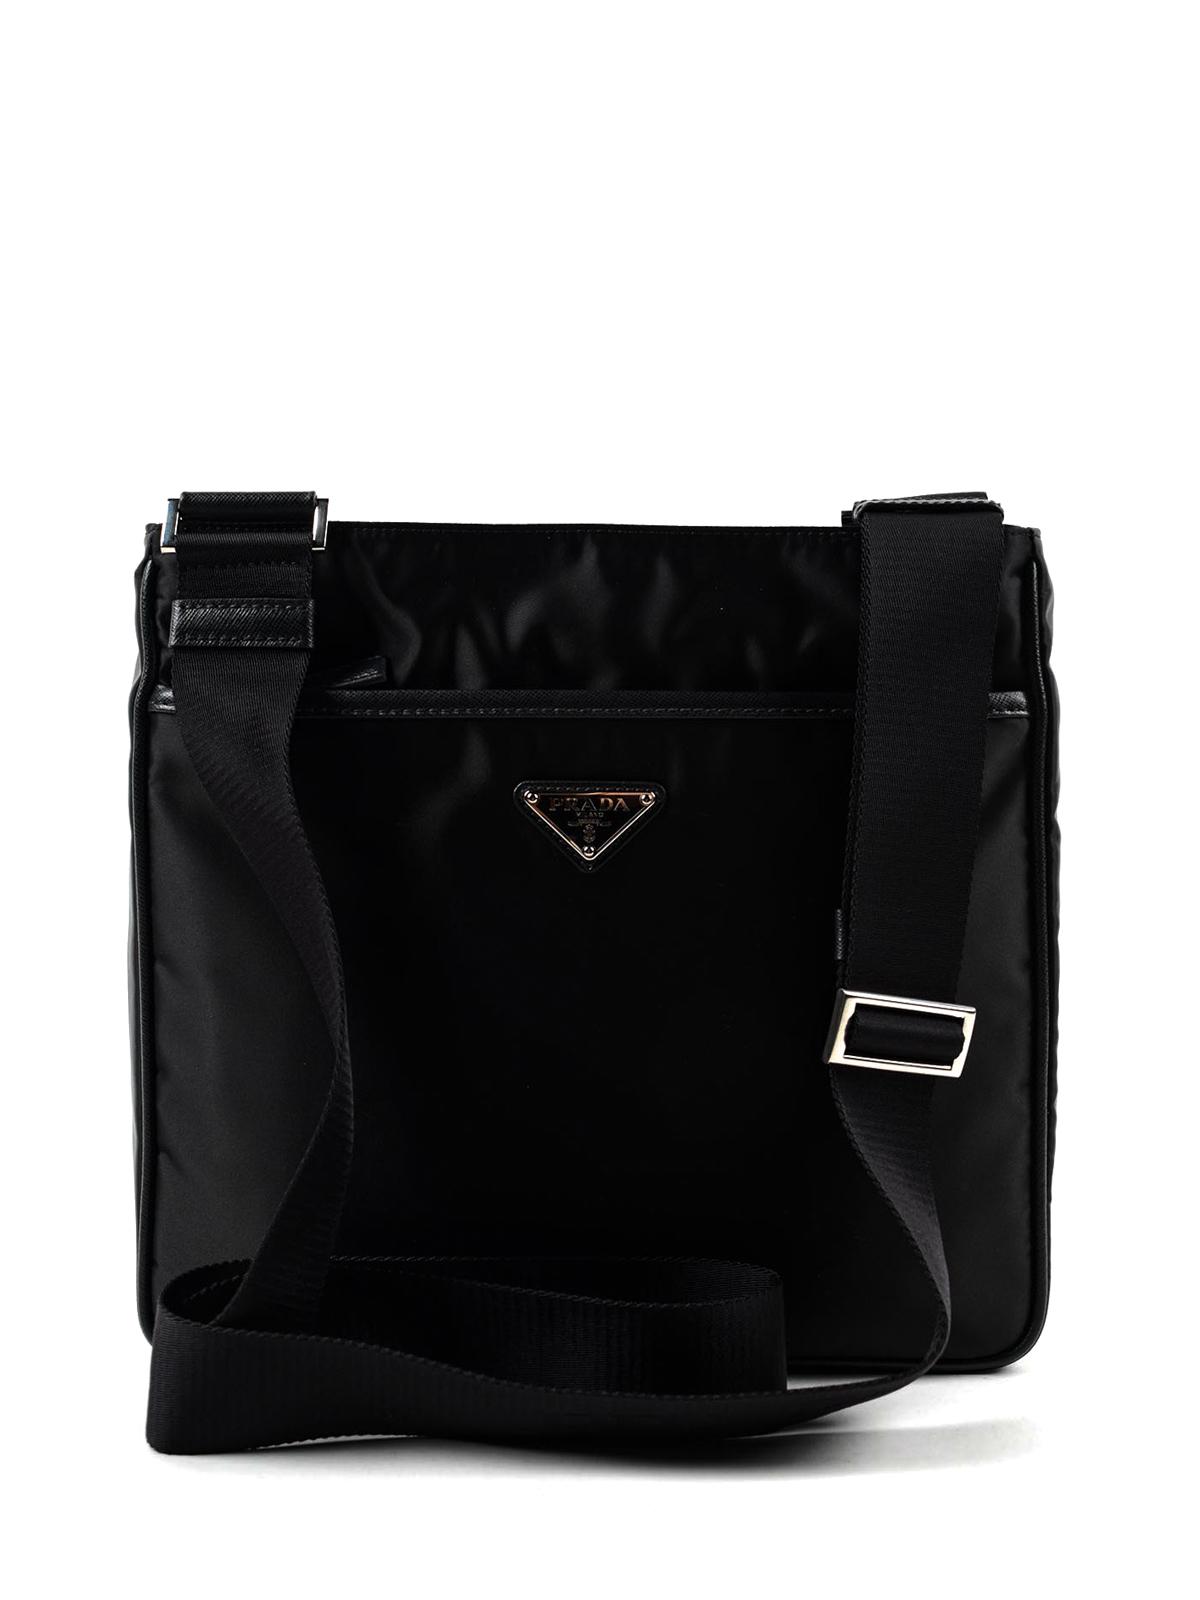 0e91acbeee34 Prada - Saffiano and nylon messenger bag - shoulder bags - 2VH269064 002